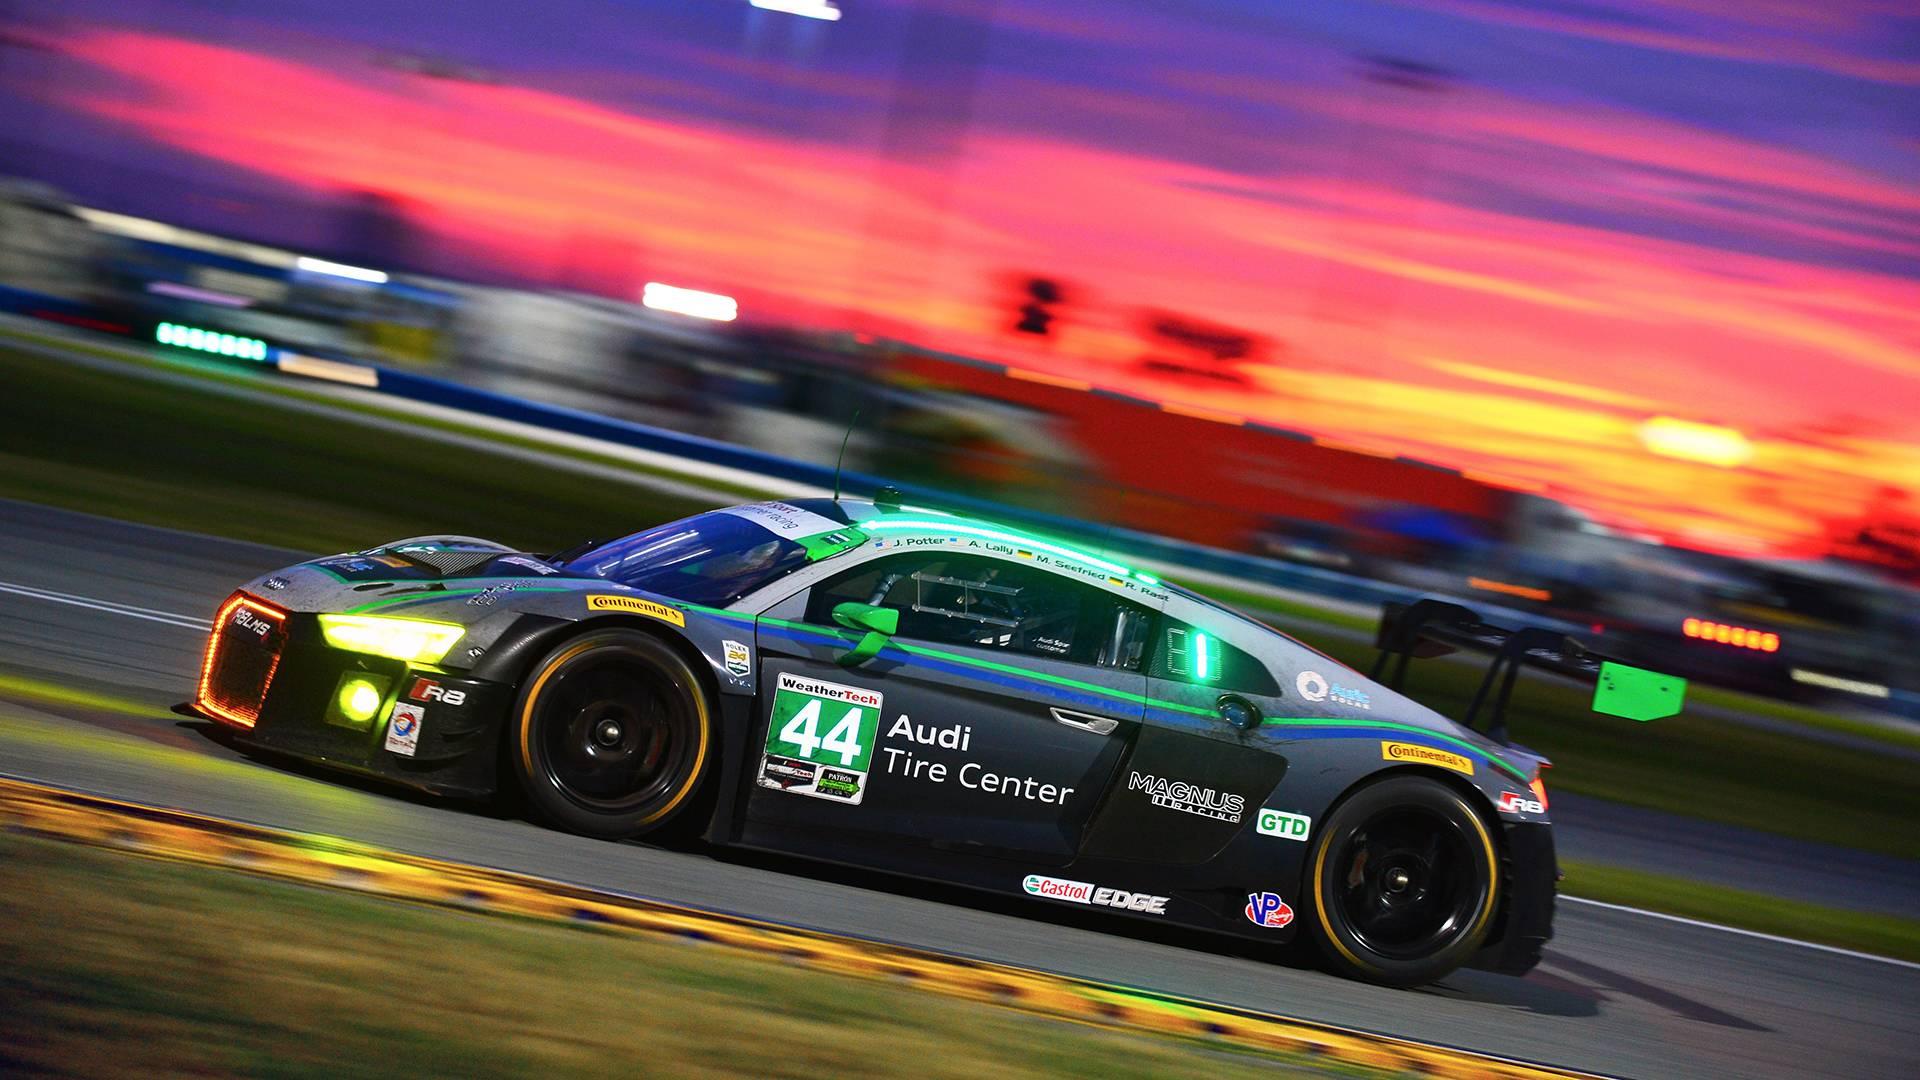 Audi R8 pour Raceroom 2016 bientot disponible pour R3E